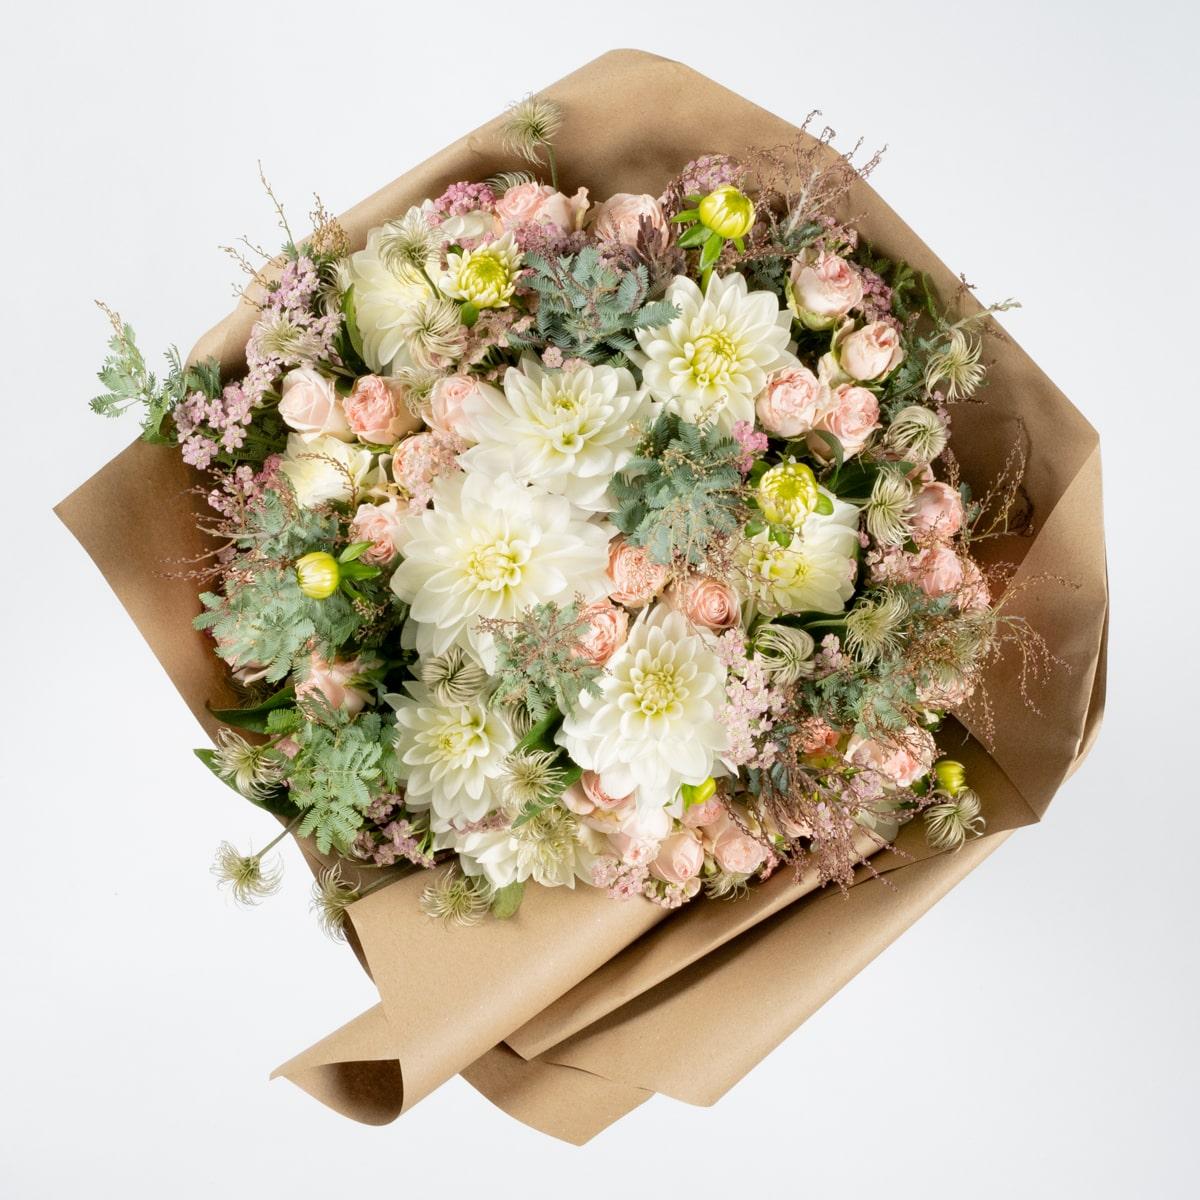 Bloom Flower Delivery | Cheltenham Bouquet